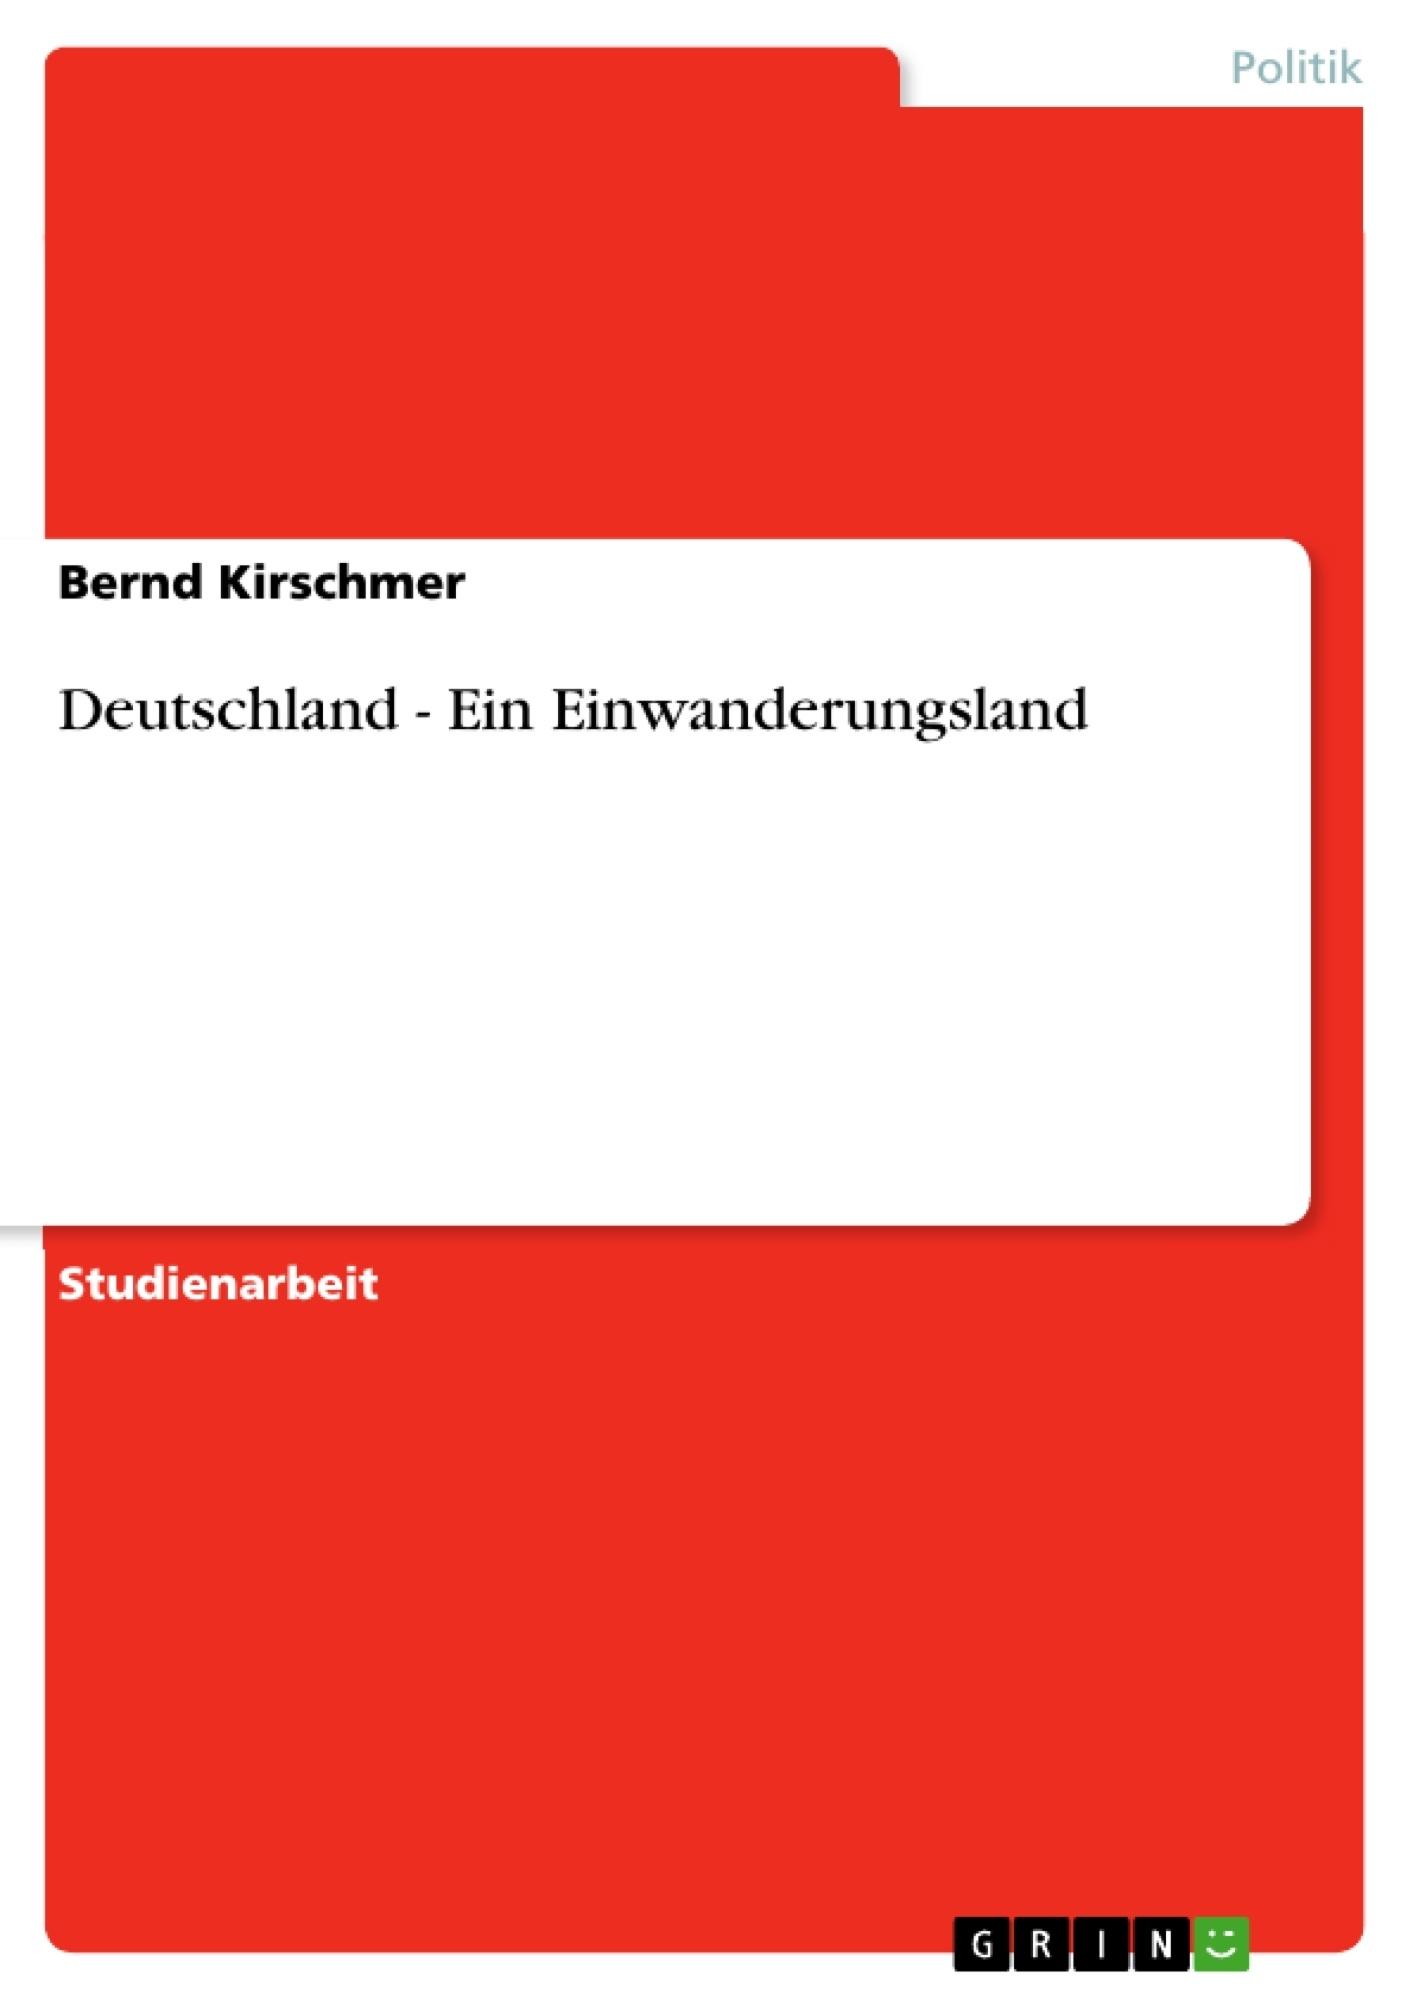 Titel: Deutschland - Ein Einwanderungsland